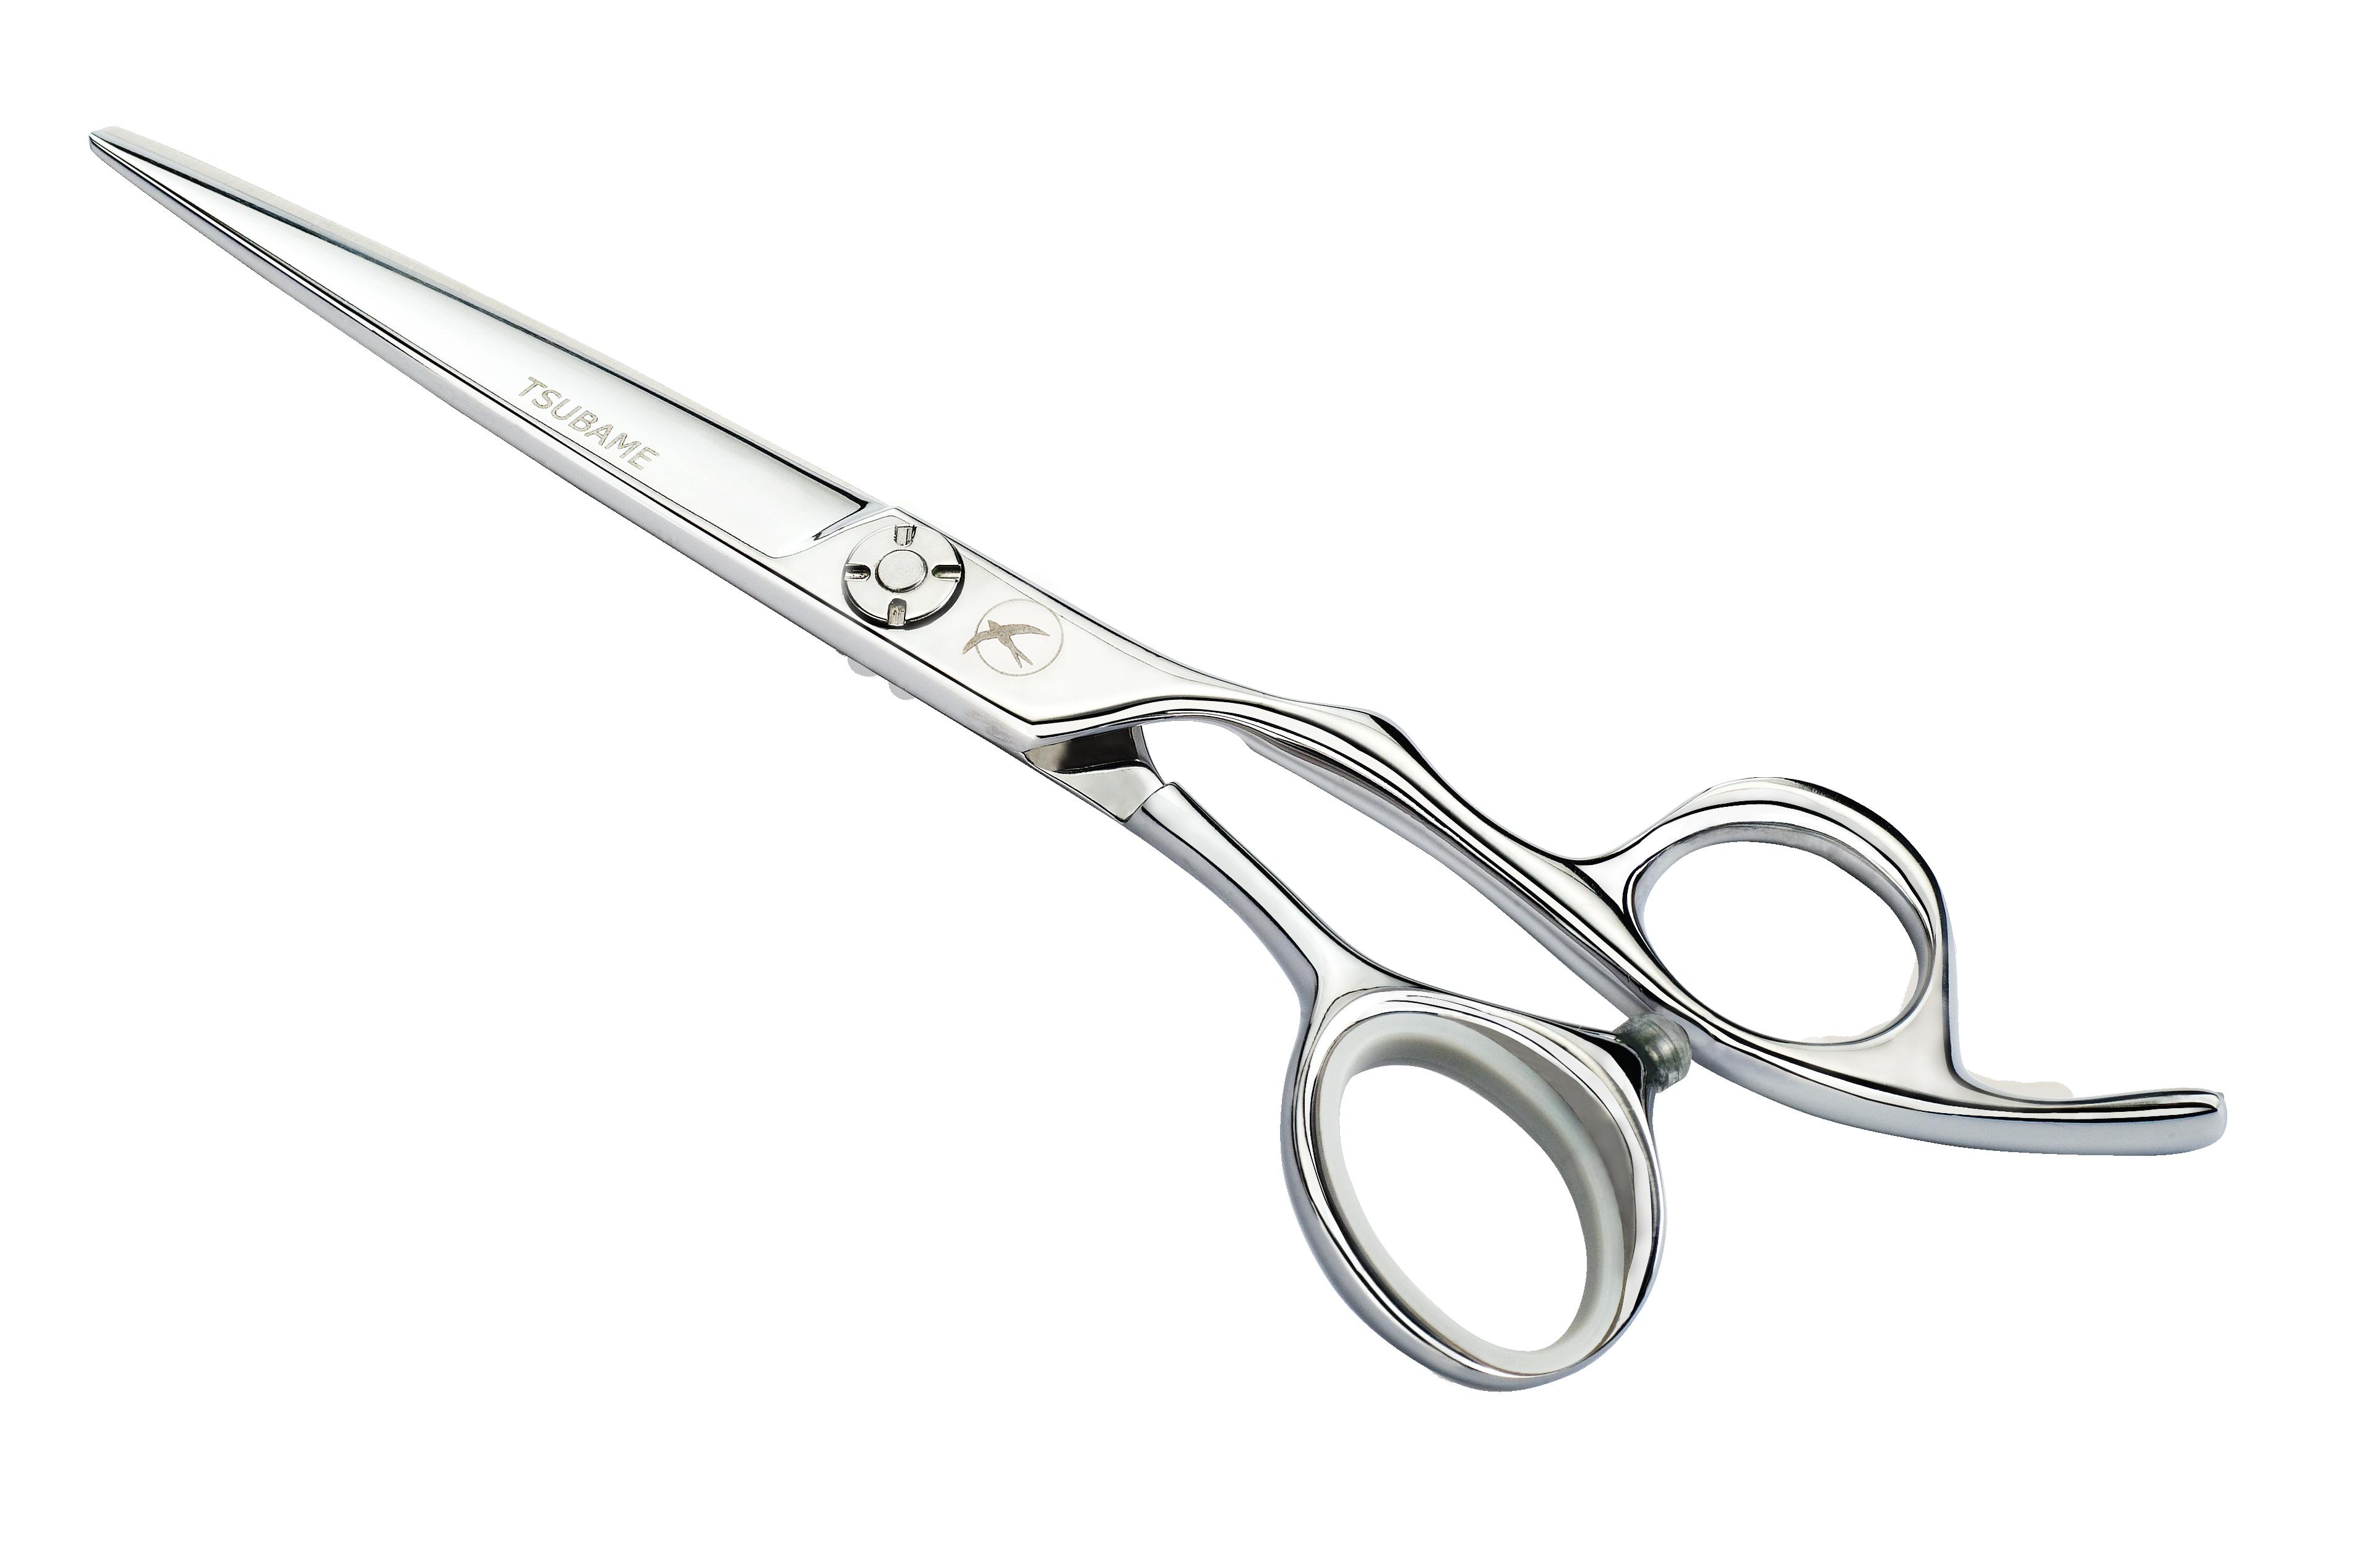 3847x2518 Hair Cutting Shears Clipart